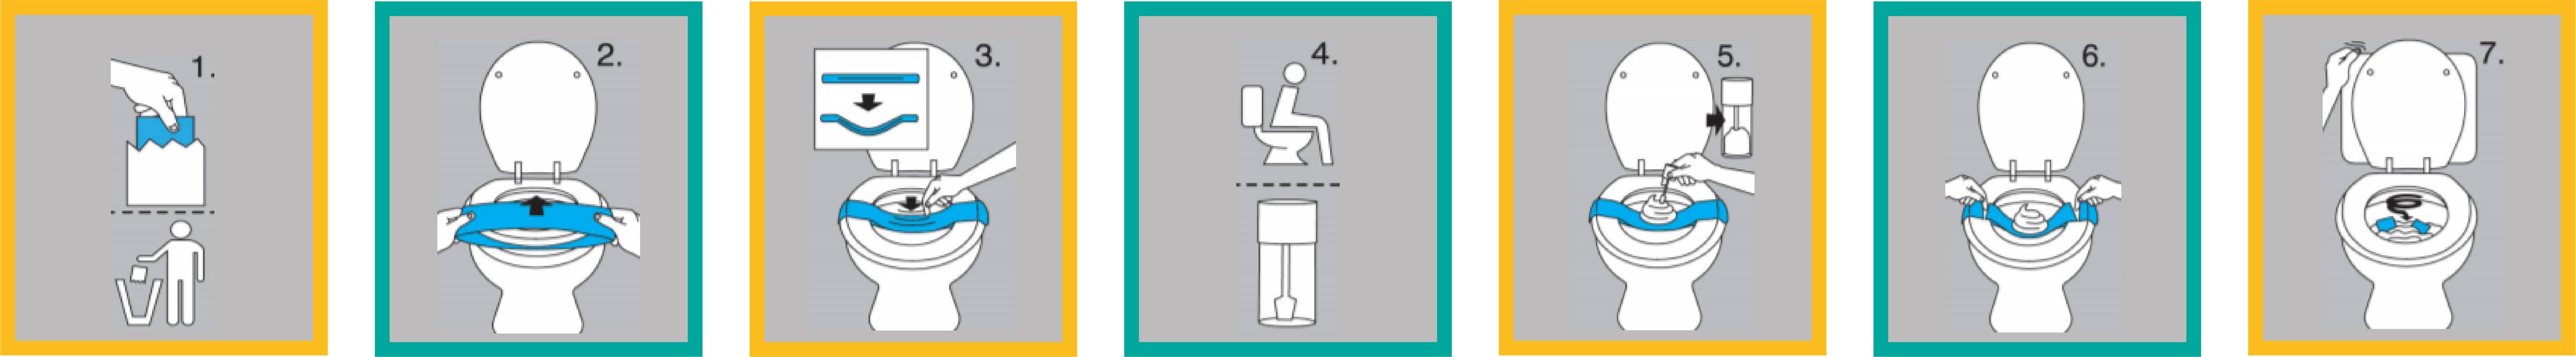 Icono proceso microbiota intestinal